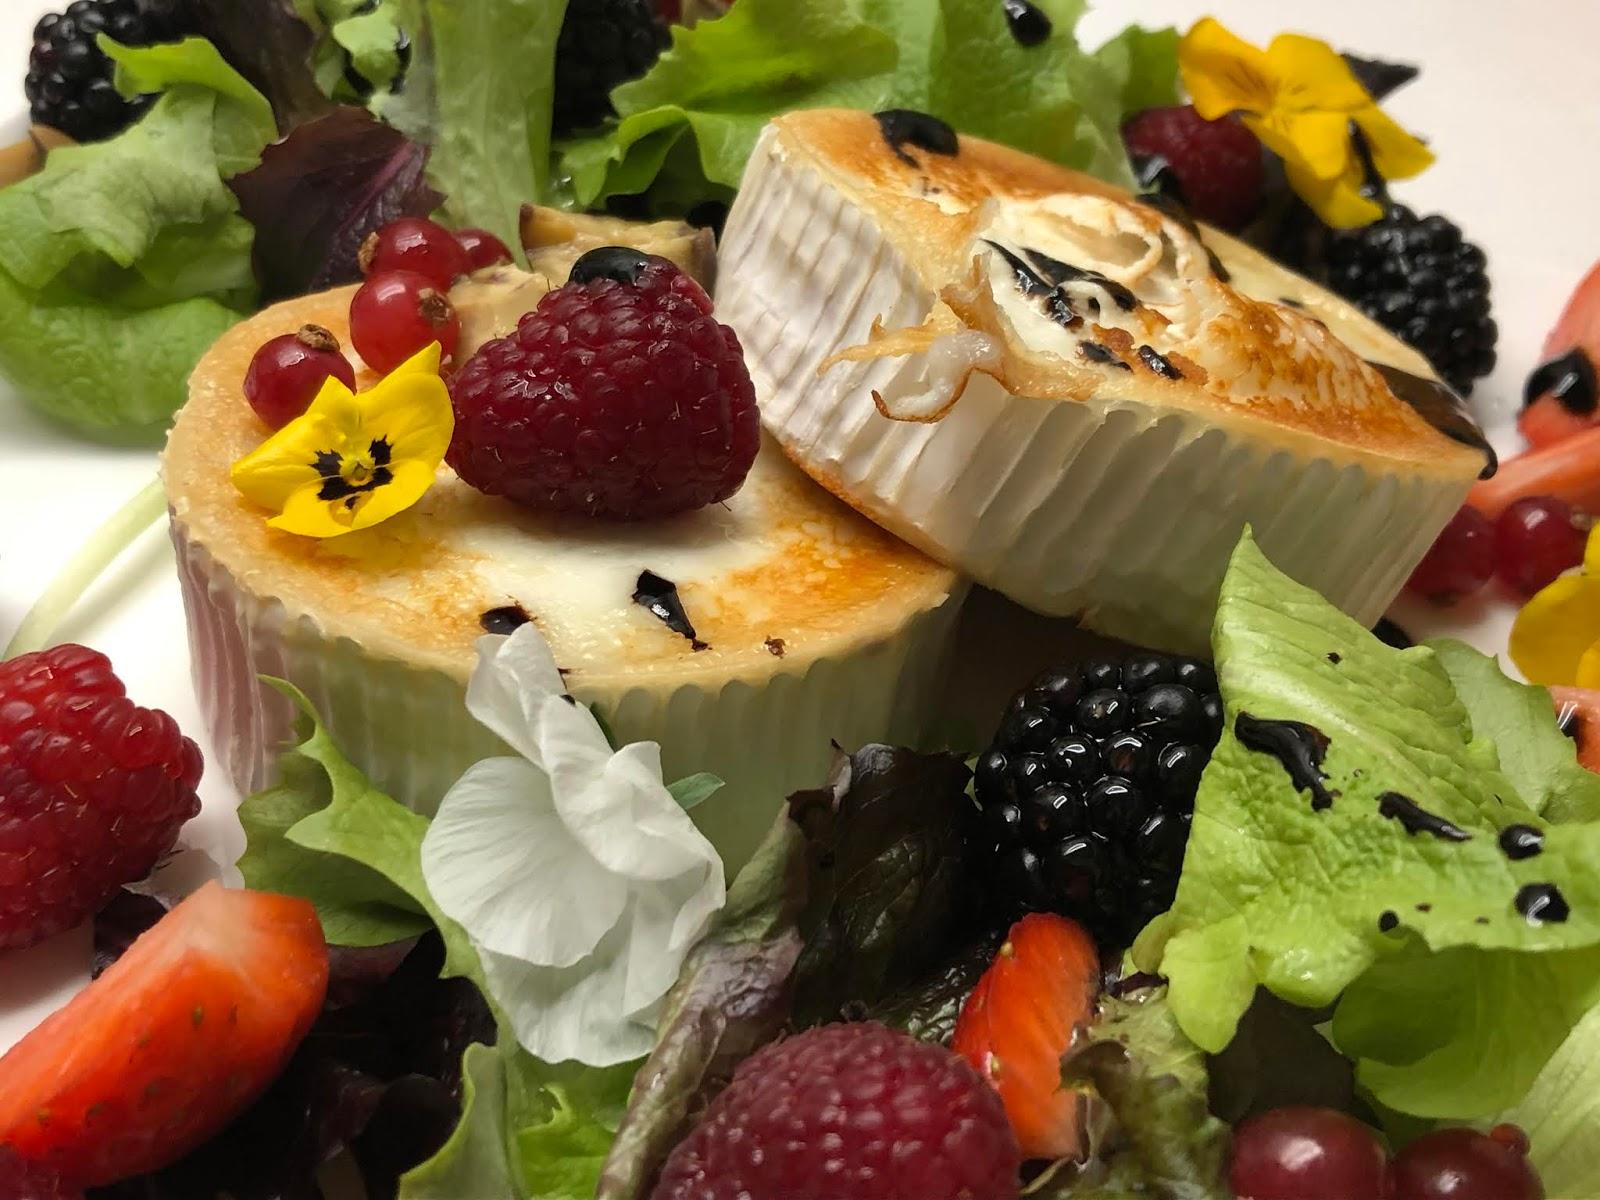 Ensalada con queso de cabra, castañas y frutos del bosque